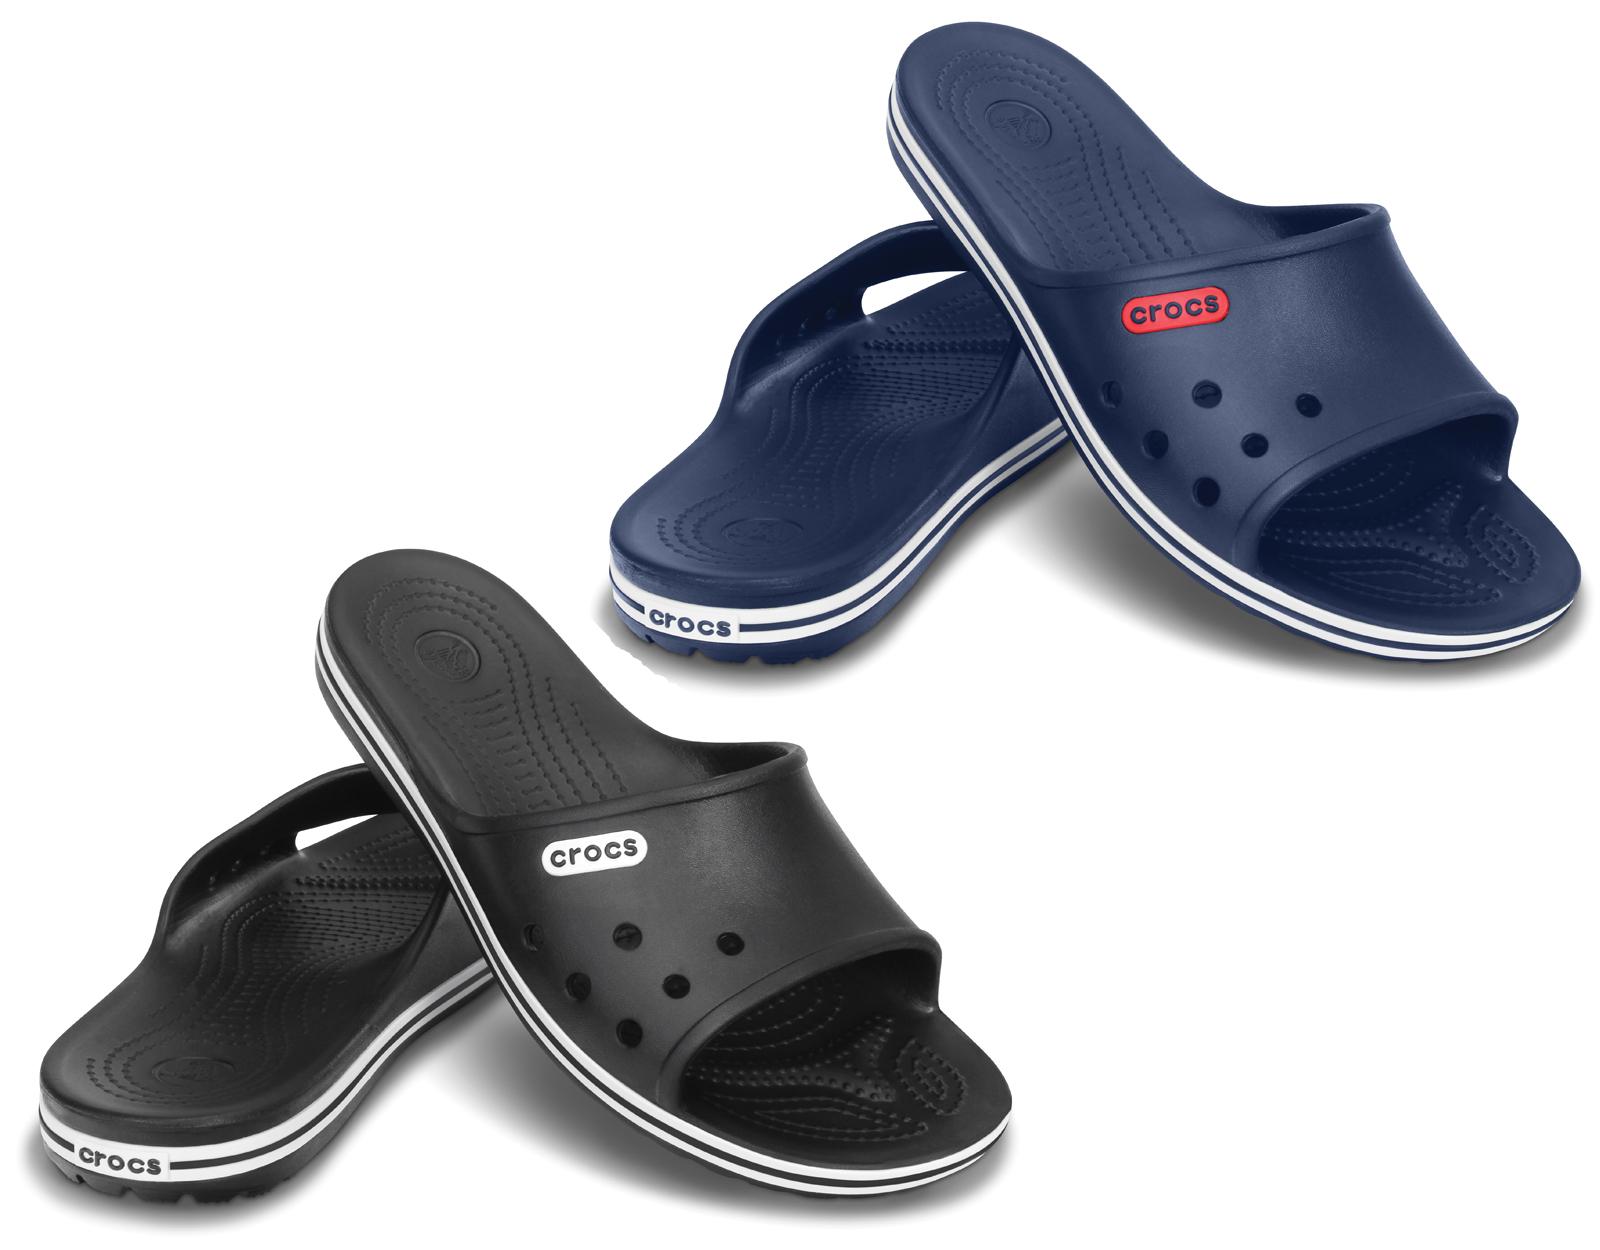 new crocs unisex crocband lopro slide flip flops lightweight comfort sandals ebay. Black Bedroom Furniture Sets. Home Design Ideas